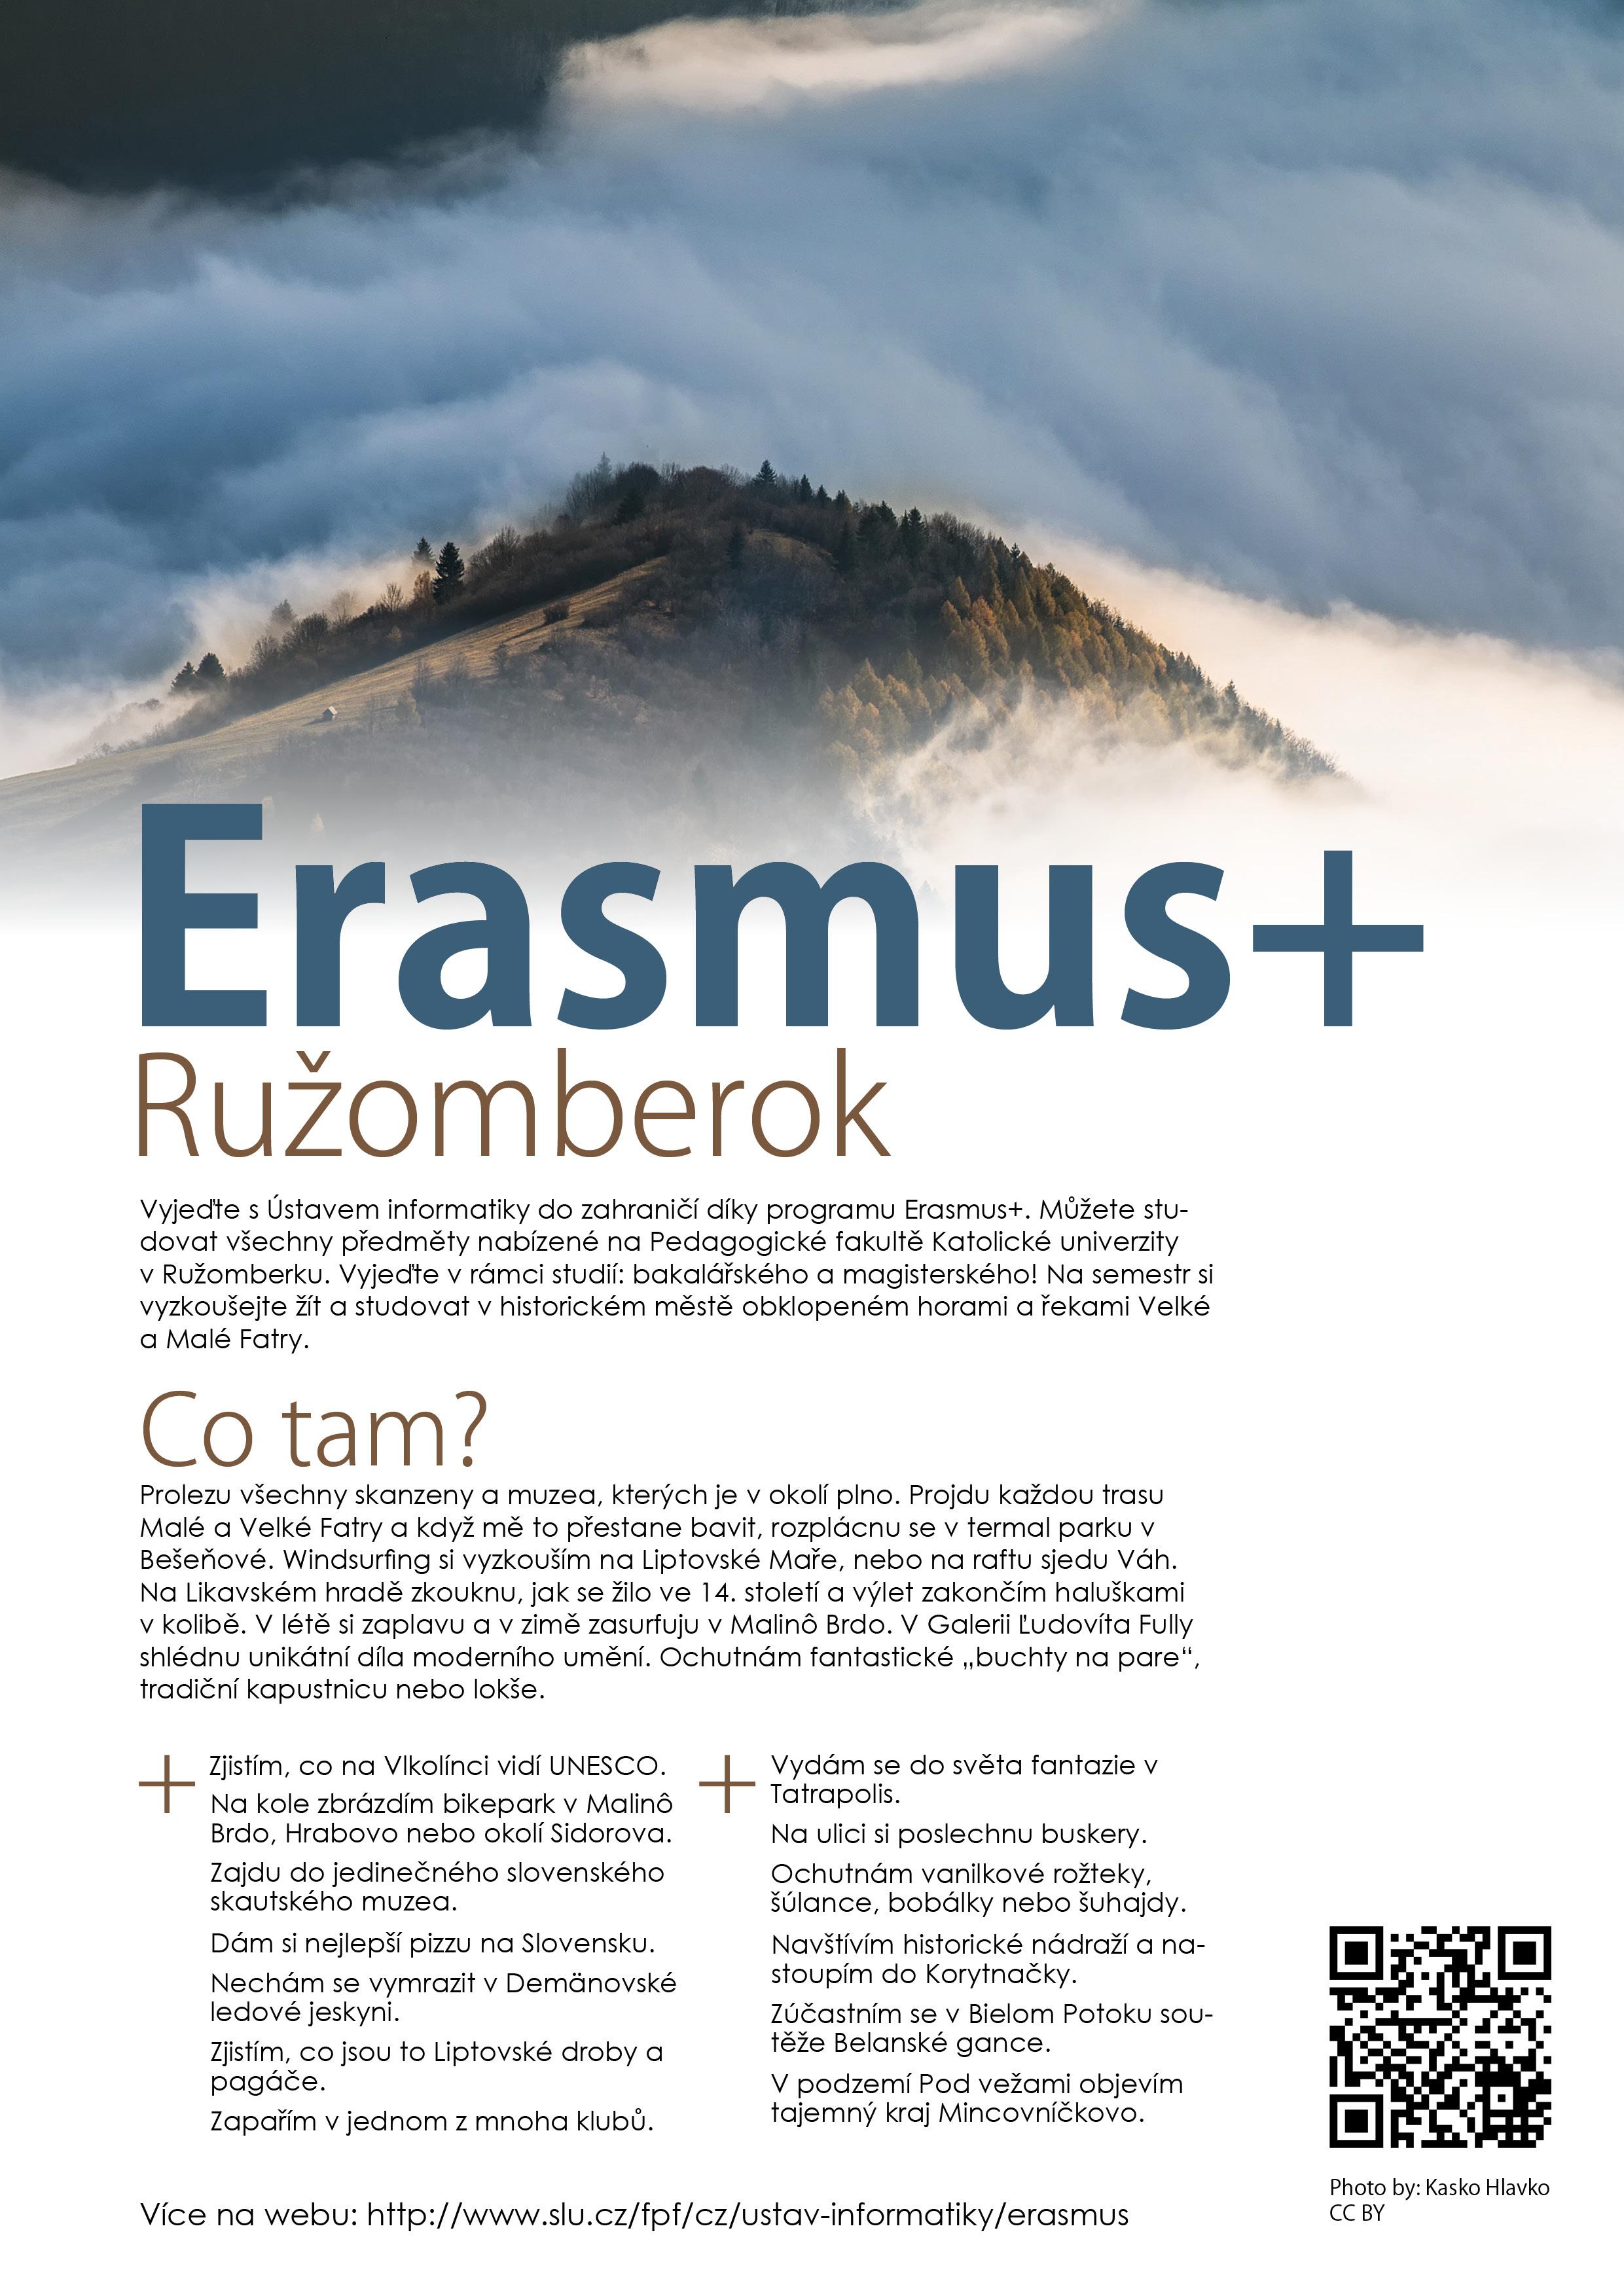 Erasmus - Ružomberok